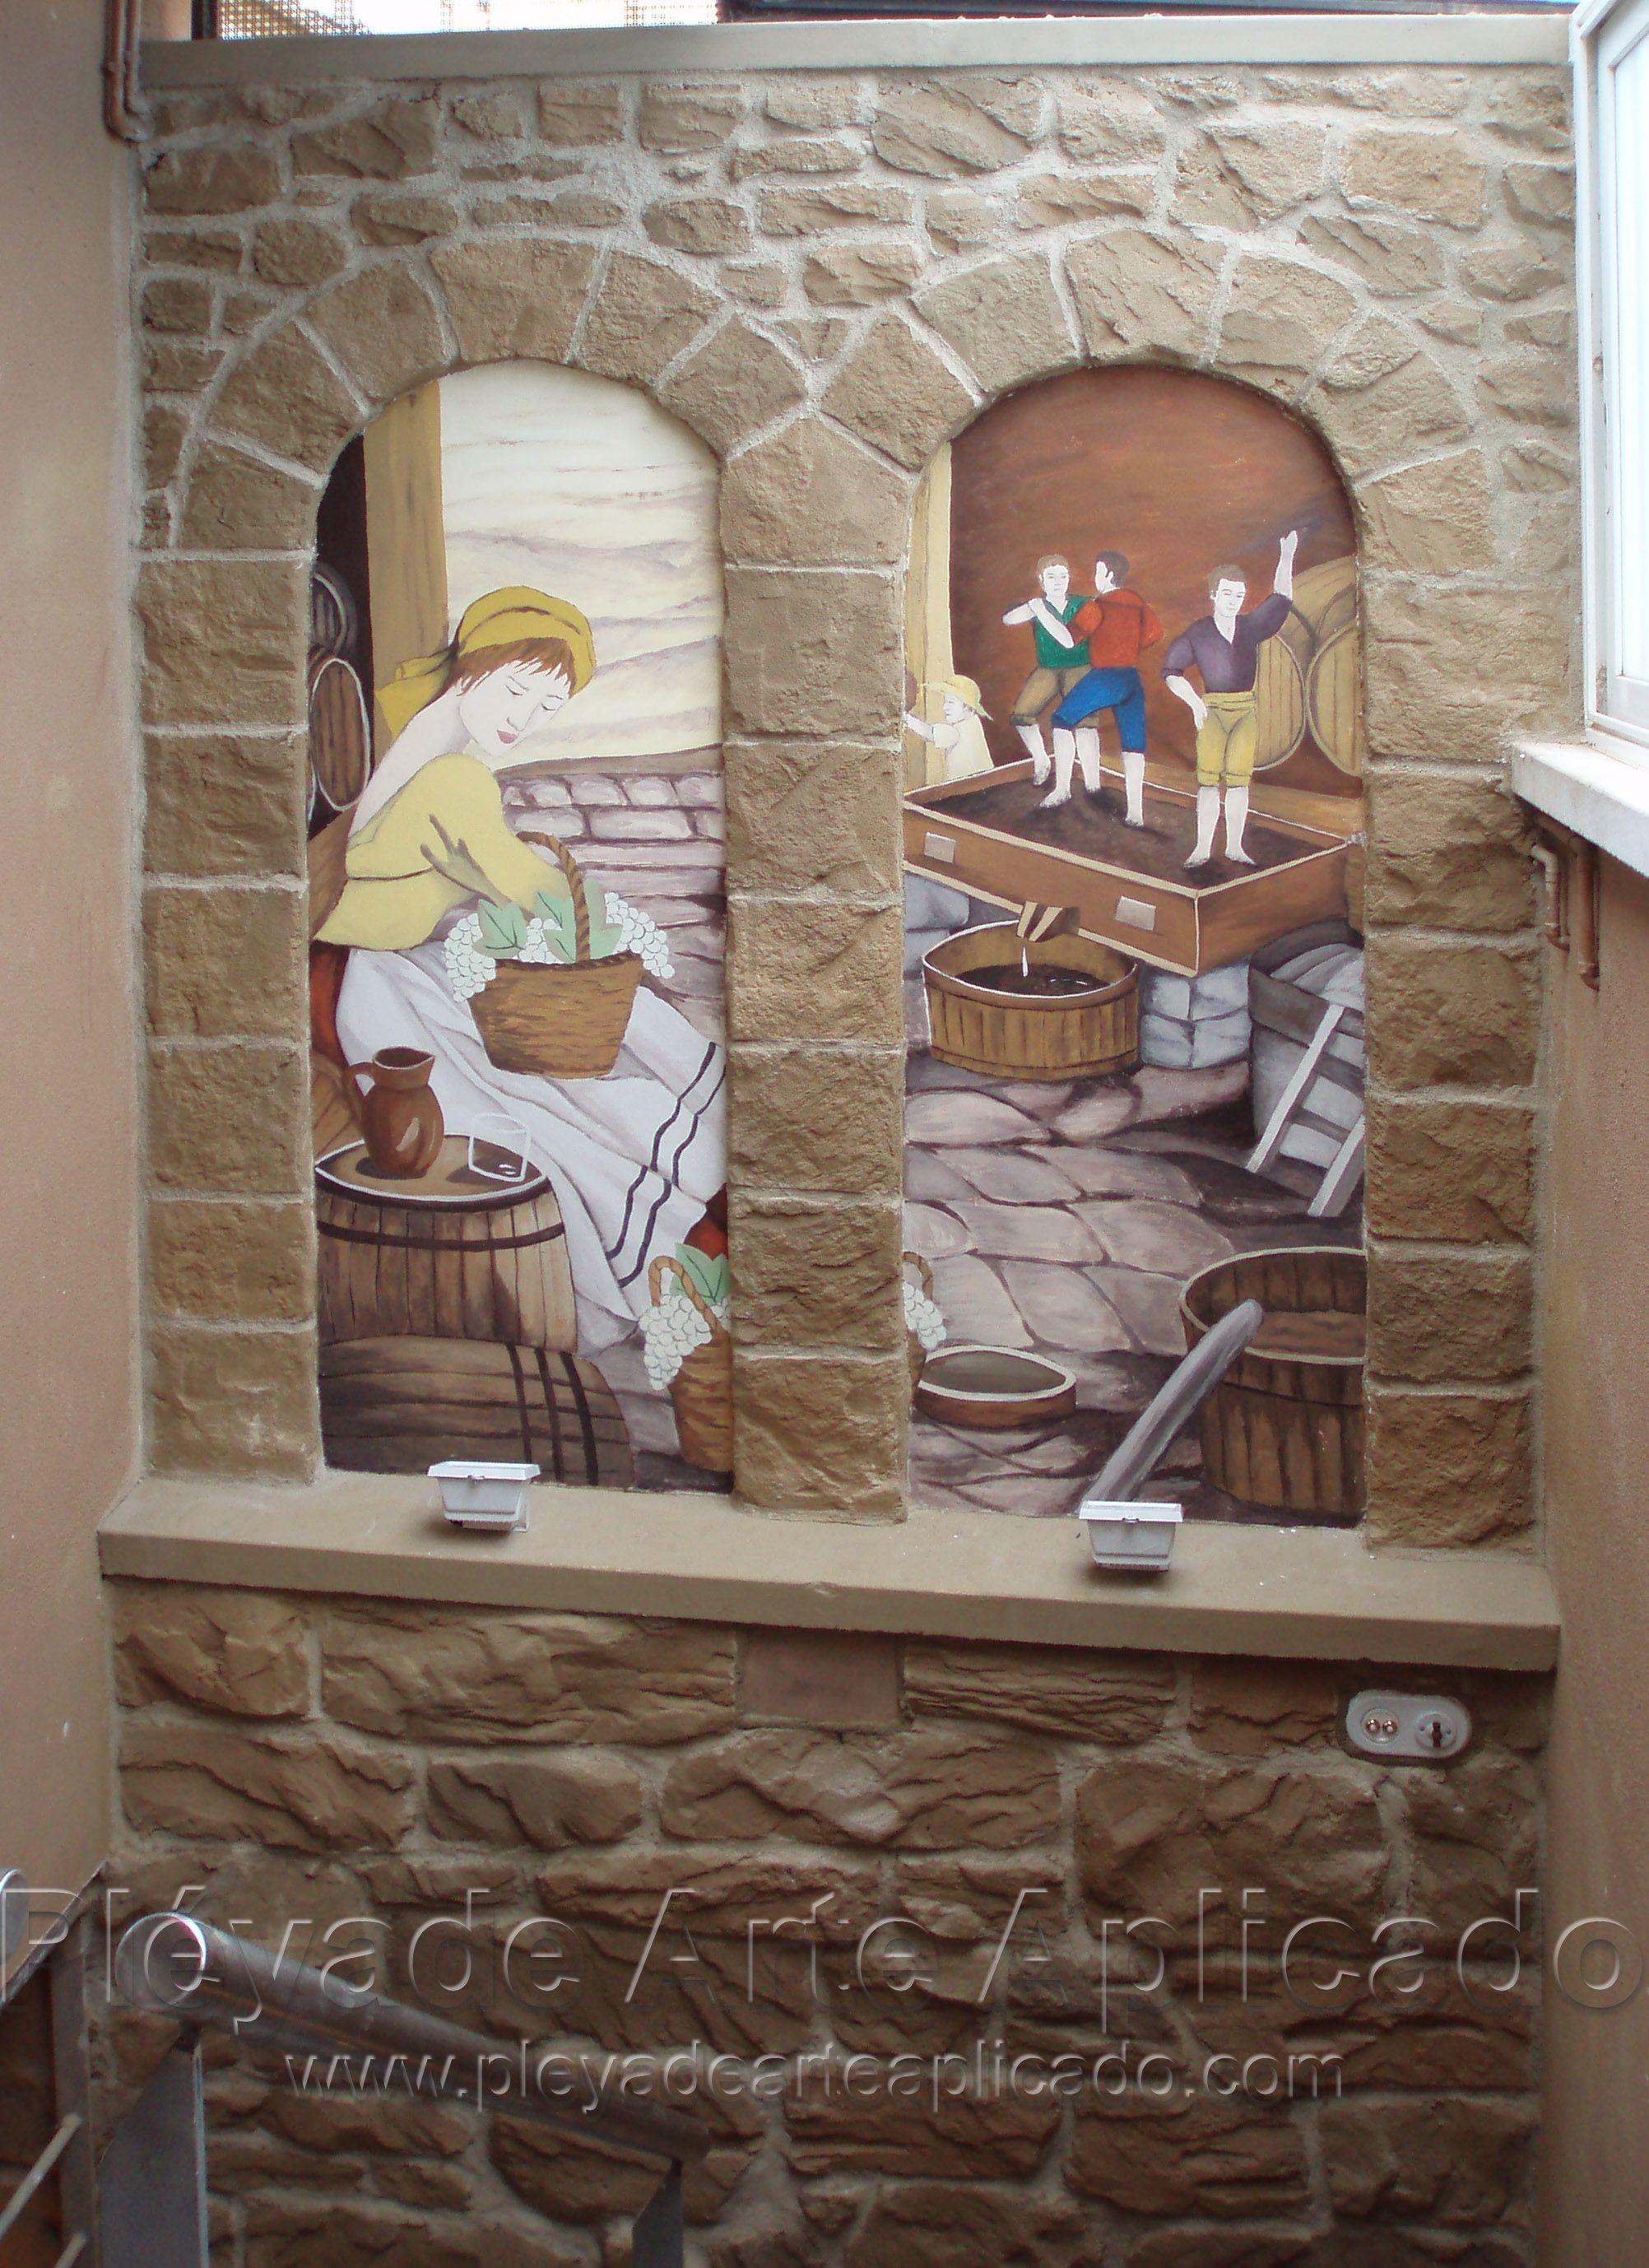 Decoraci n con arcos de piedra y pintura mural for Decoracion de pintura